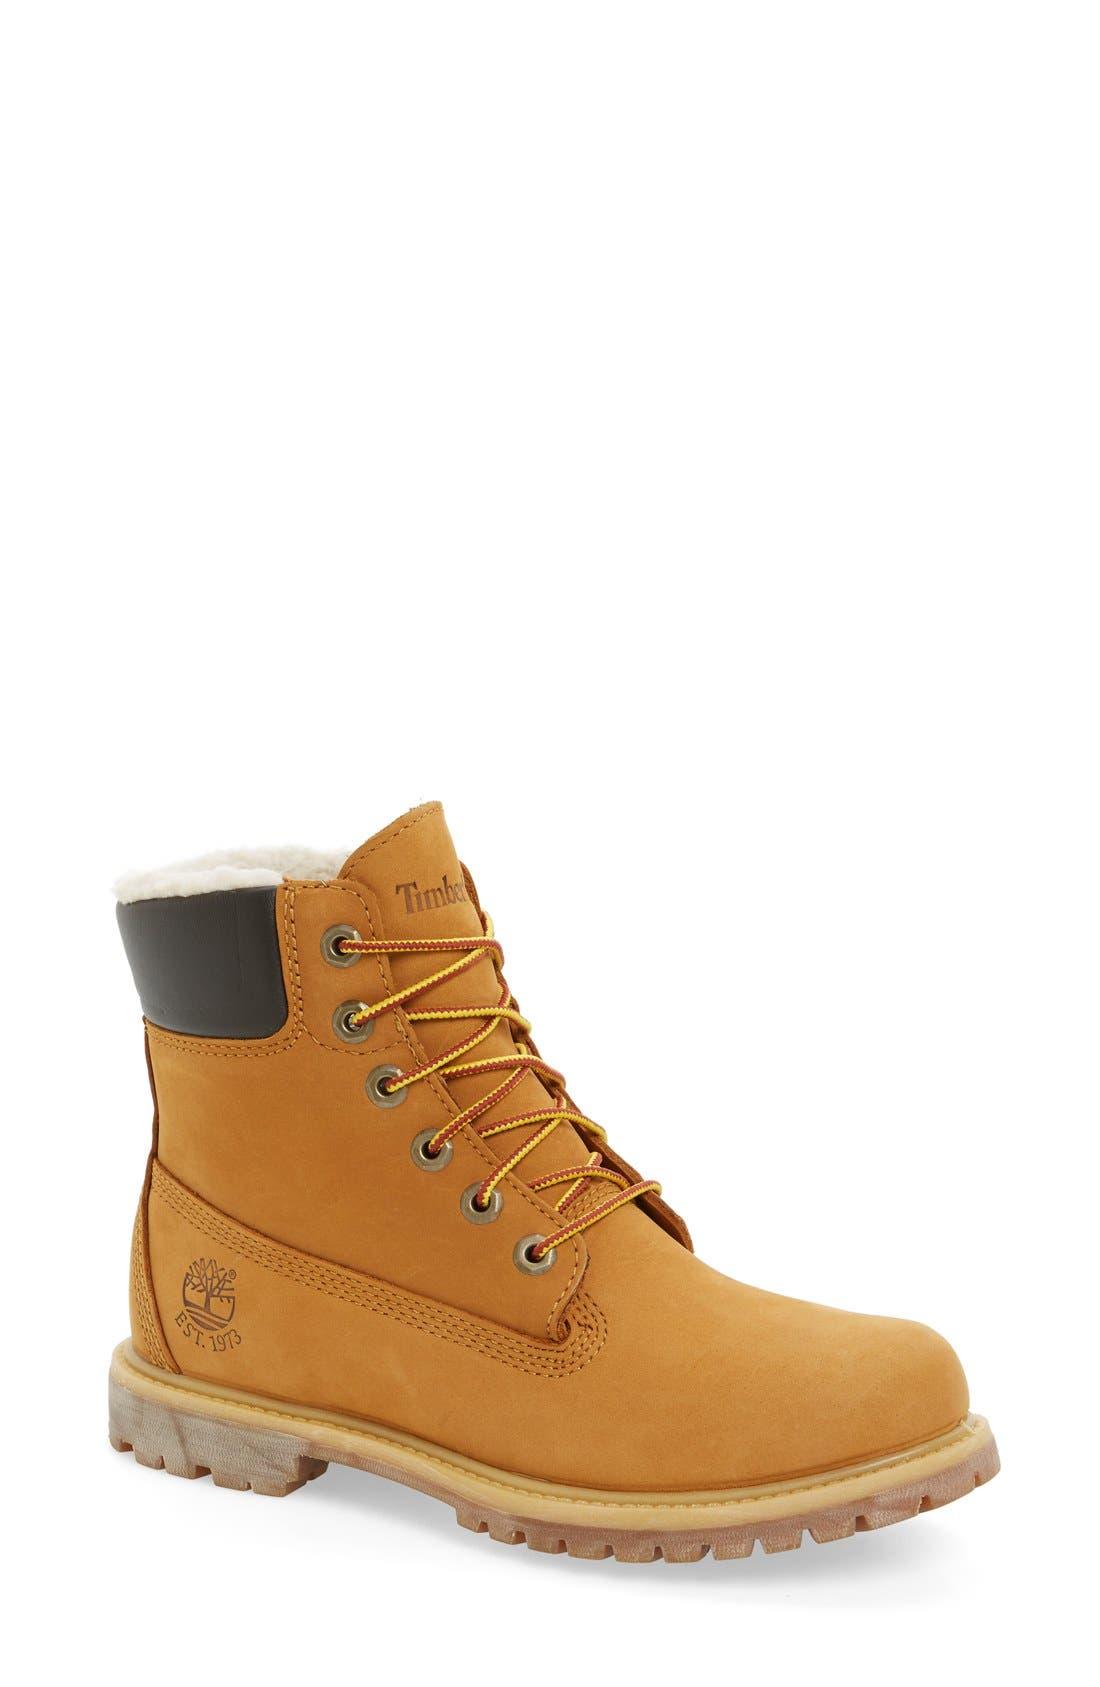 Main Image - Timberland 6 Inch Waterproof Boot (Women)